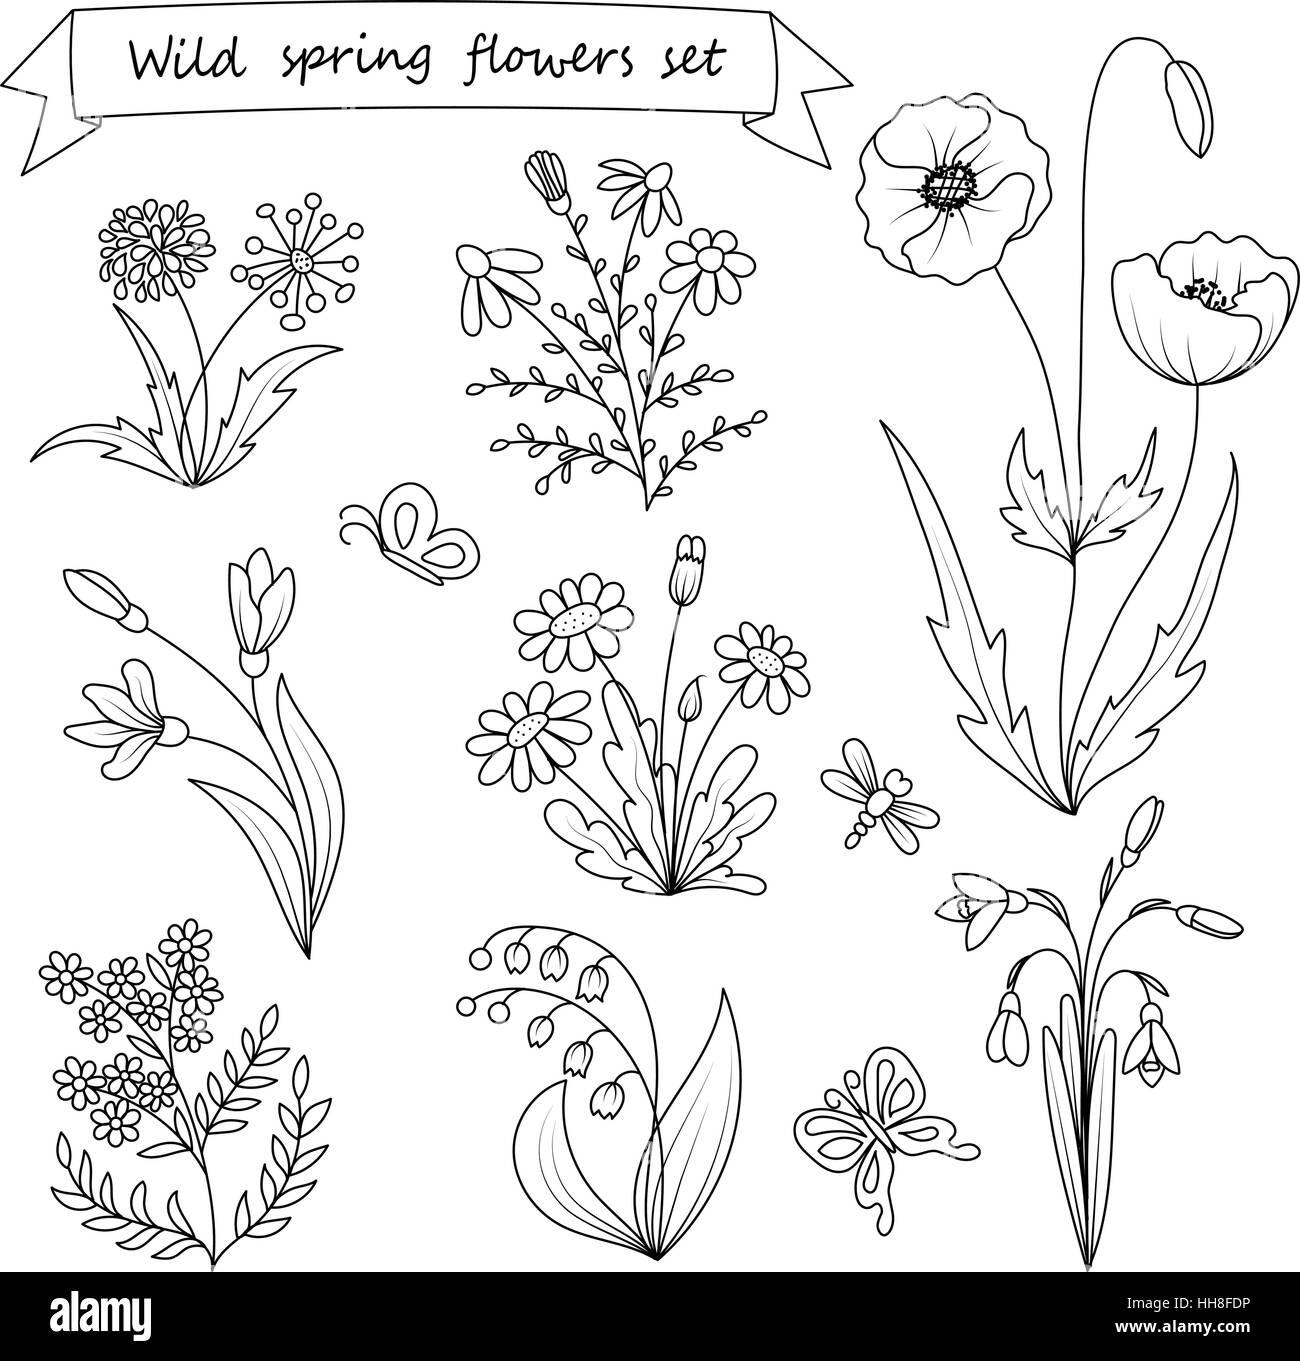 Satz Von Hand Gezeichnet Wilden Fruhlingsblumen Vektor